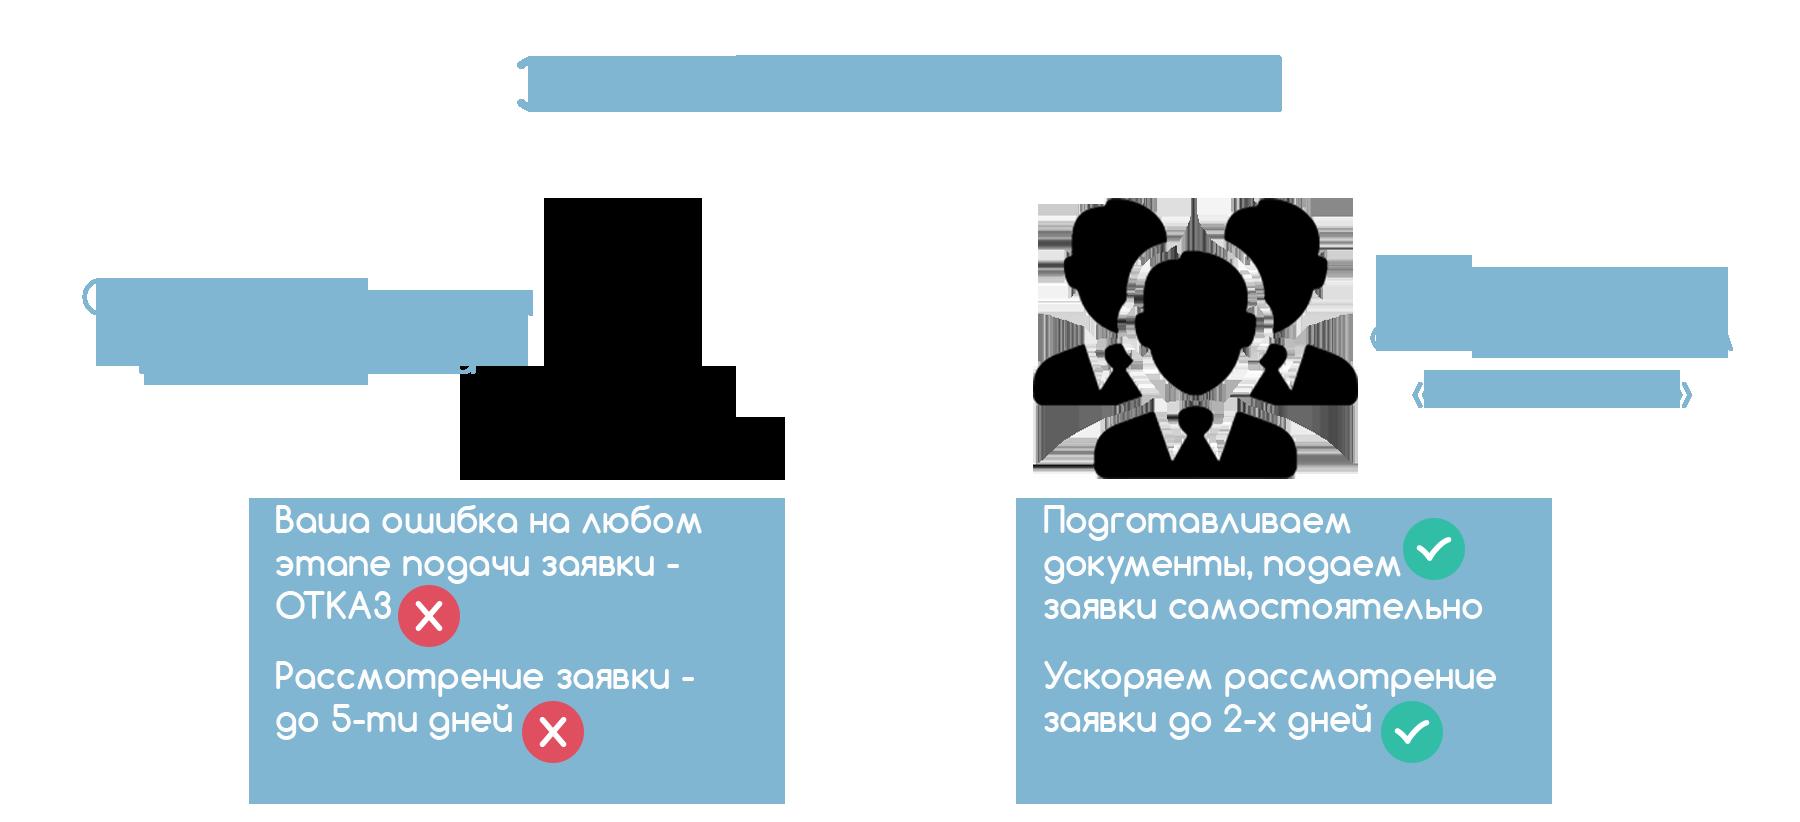 банки перми потребительские кредиты список